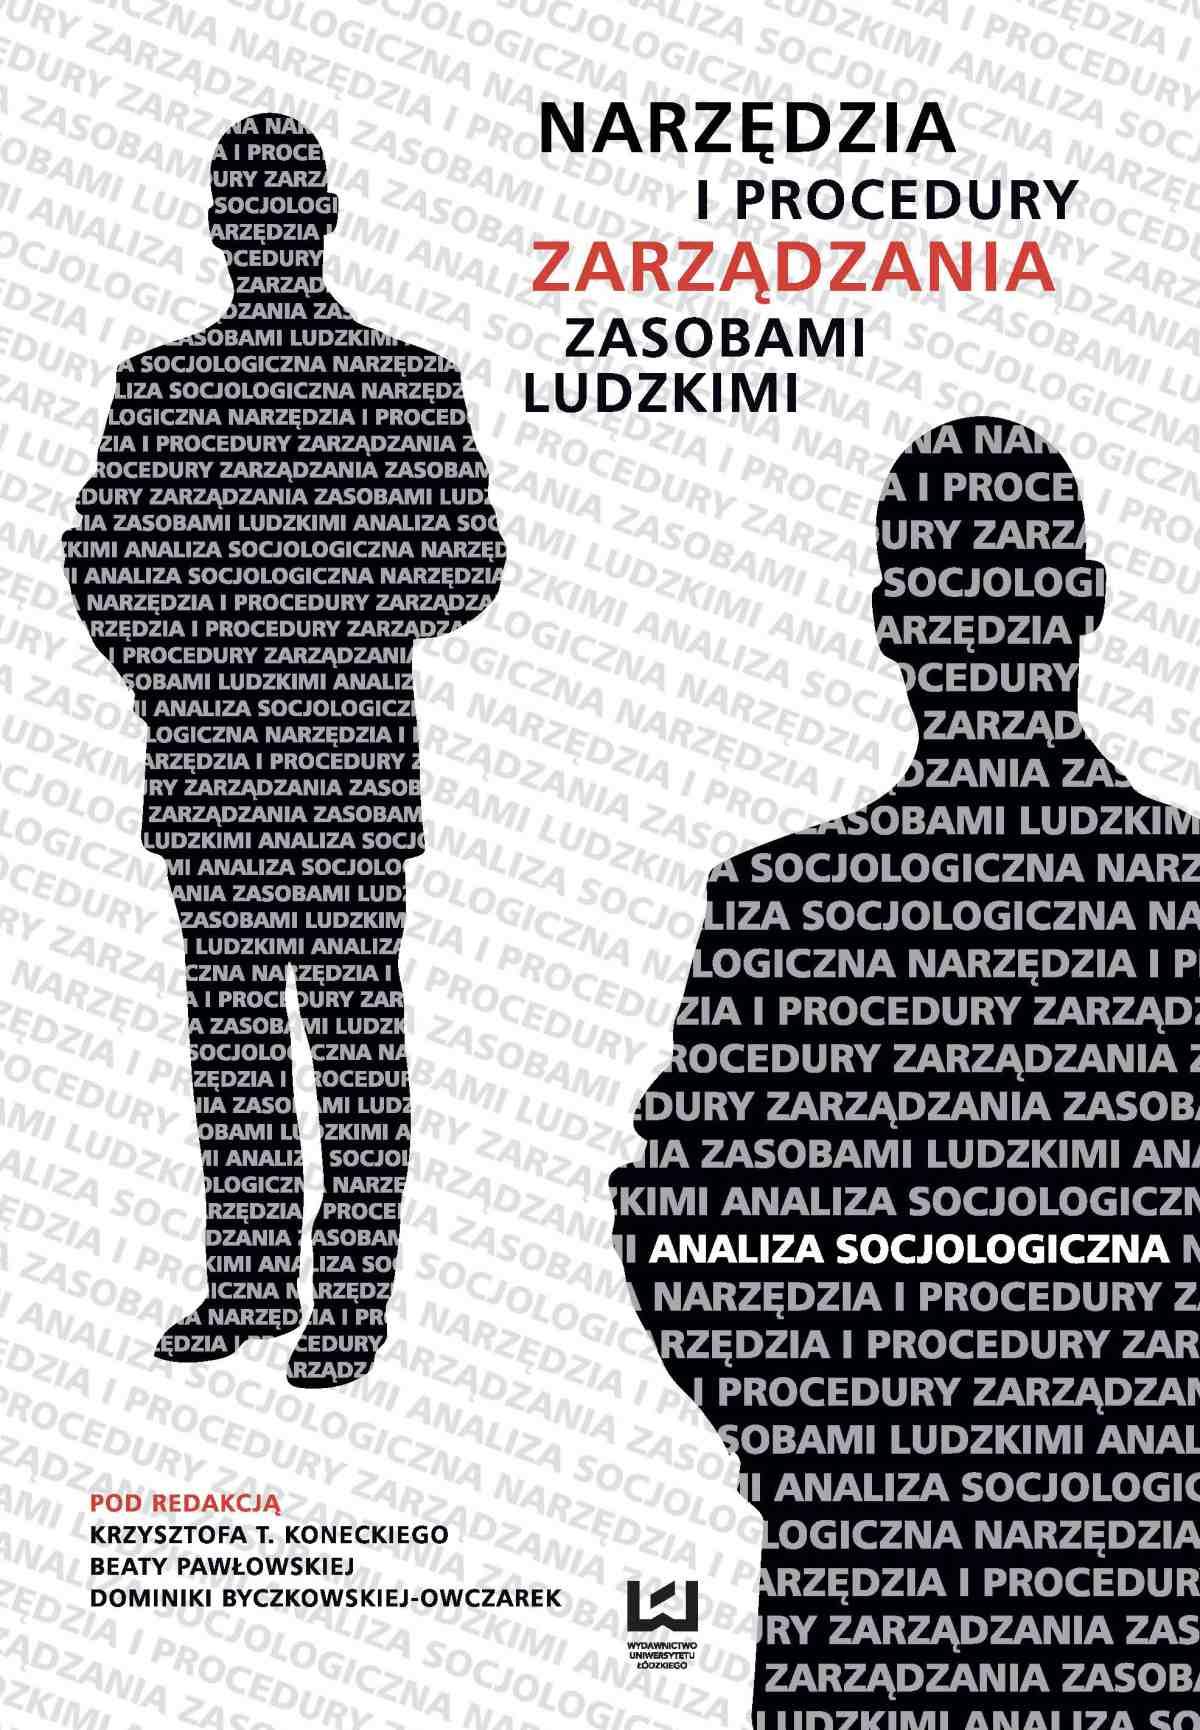 Narzędzia i procedury zarządzania zasobami ludzkimi. Analiza socjologiczna - Ebook (Książka PDF) do pobrania w formacie PDF